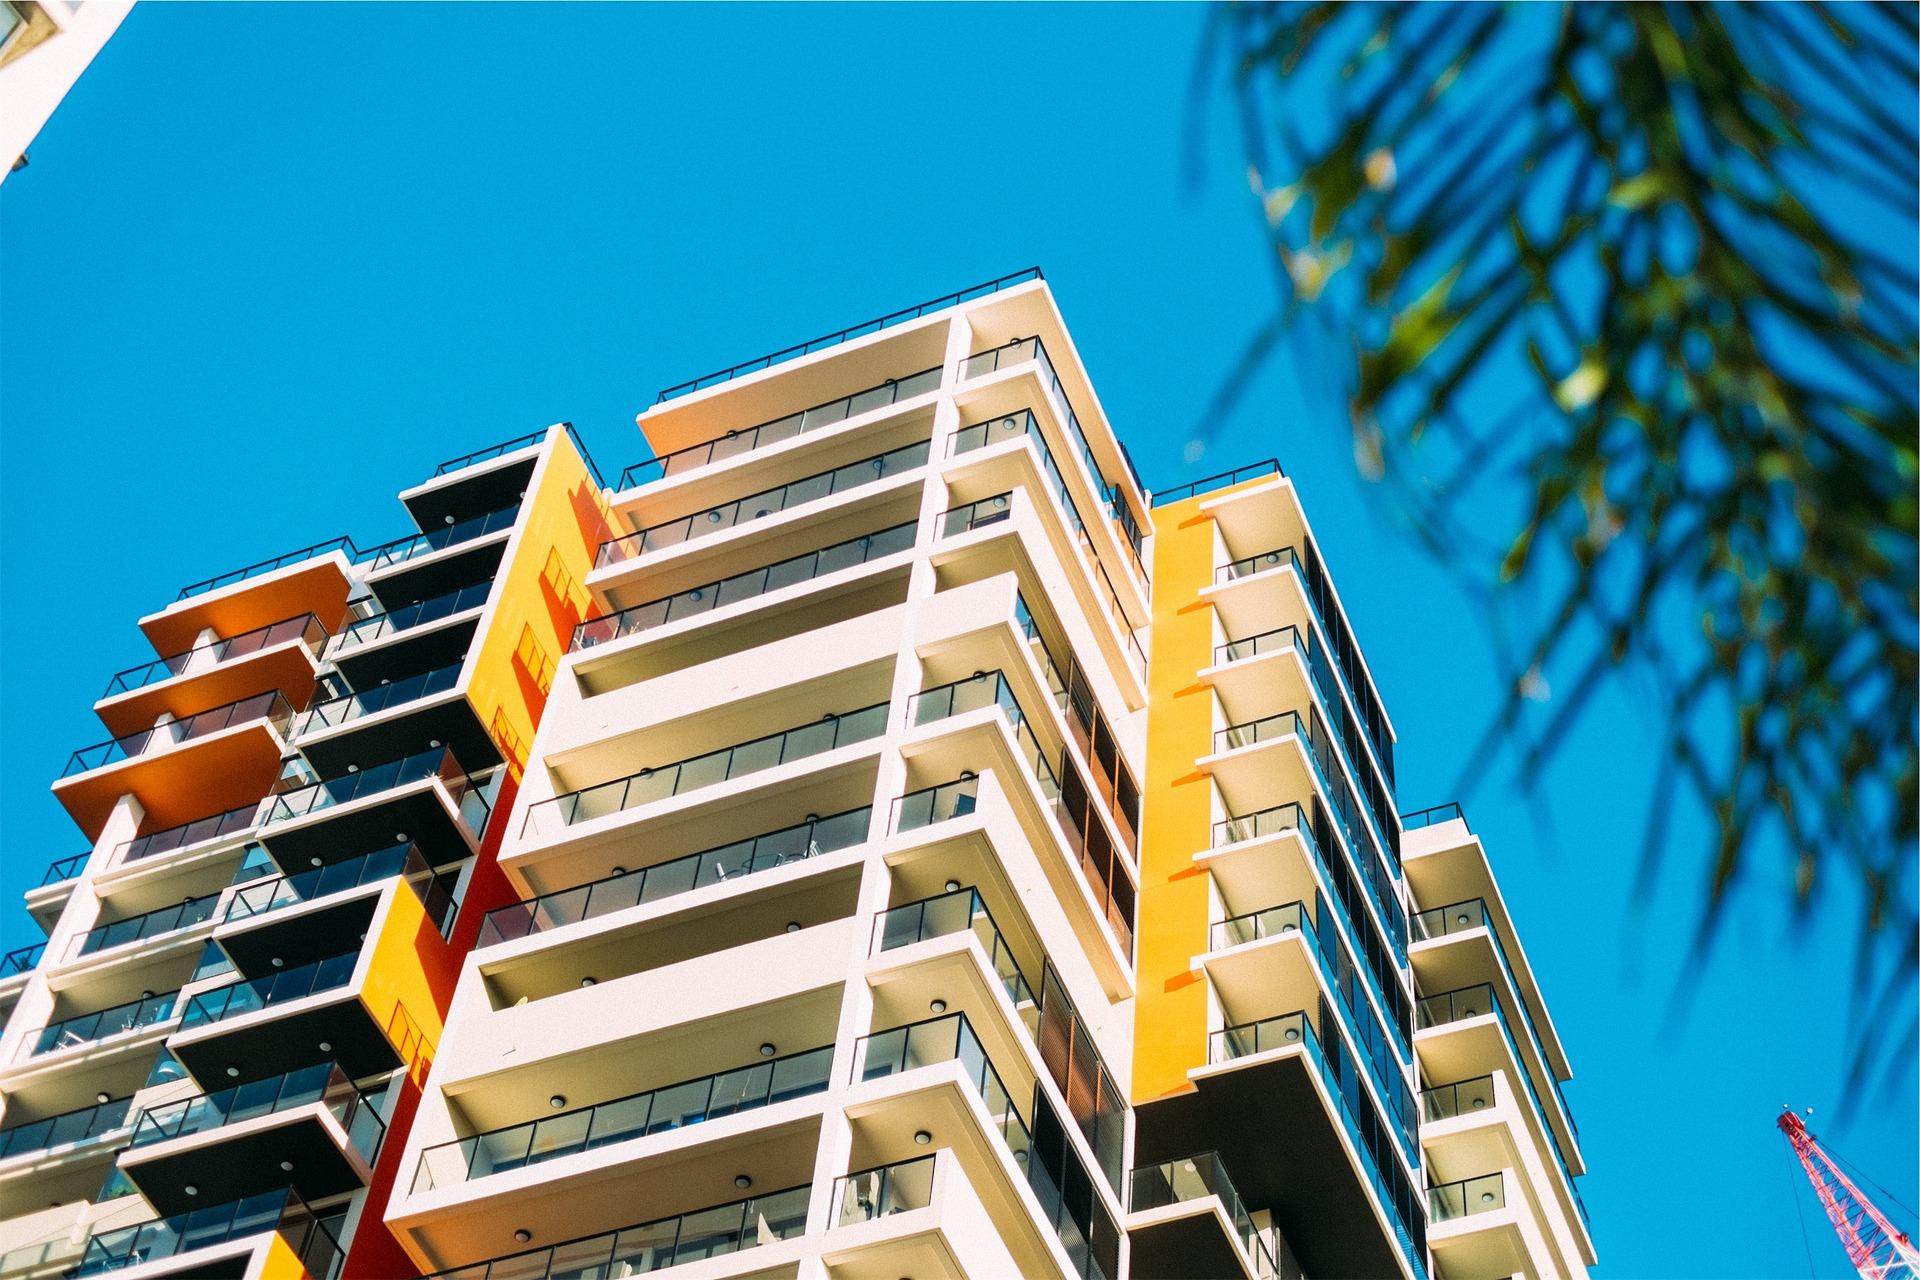 Vhodné zábradlie na balkóne dodá bytu či domu šmrnc